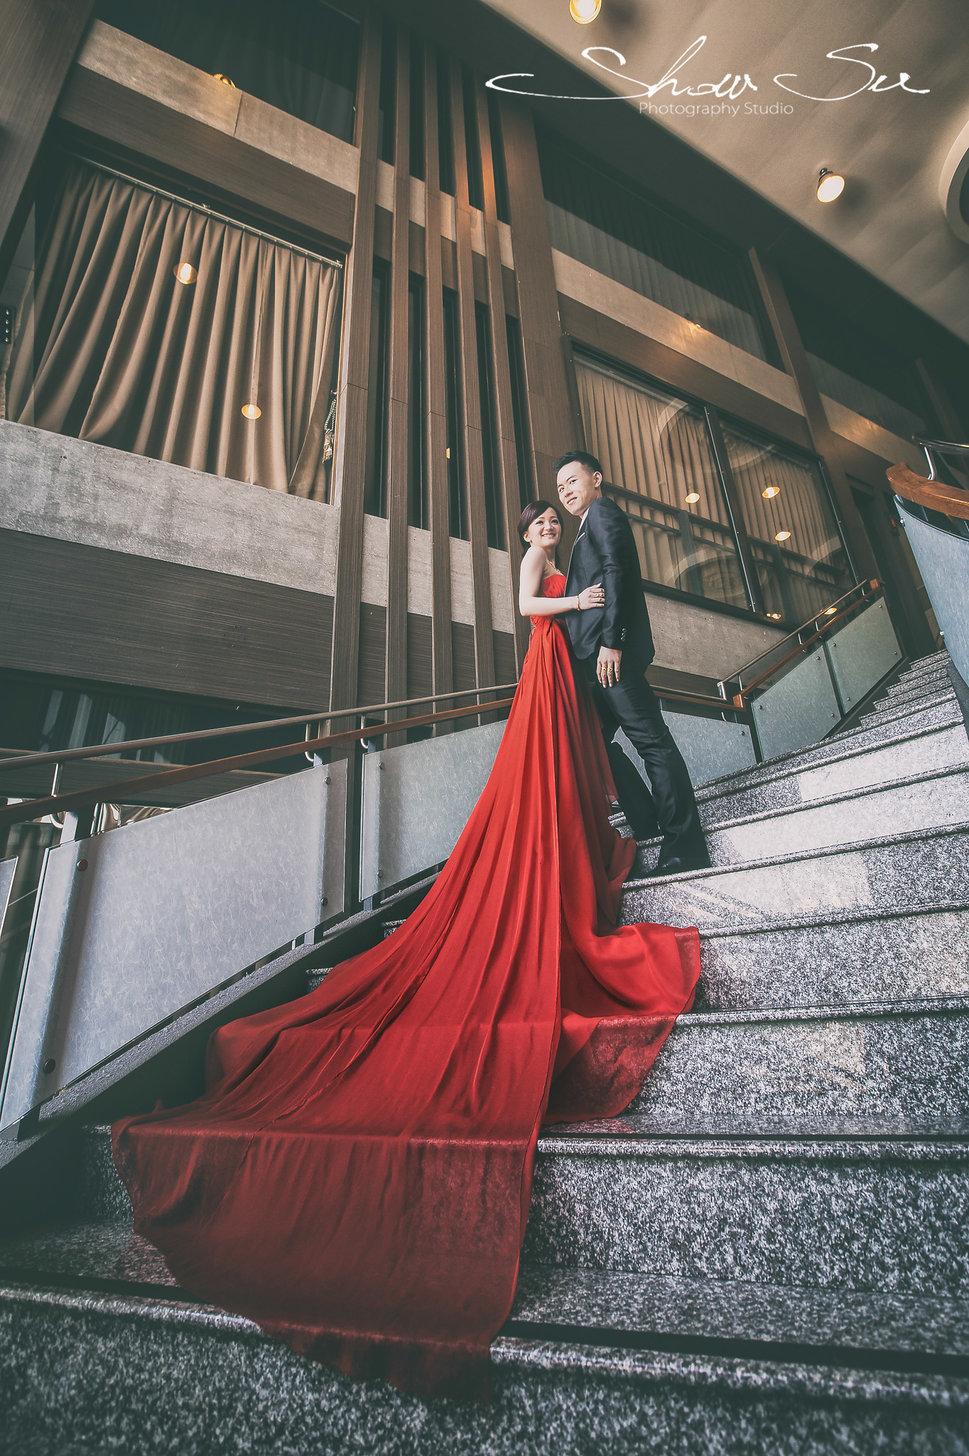 [婚攝] 志榮&語涵 桃園@儷宴國際宴會館│文定午宴(編號:513885) - Show Su Photography - 結婚吧一站式婚禮服務平台